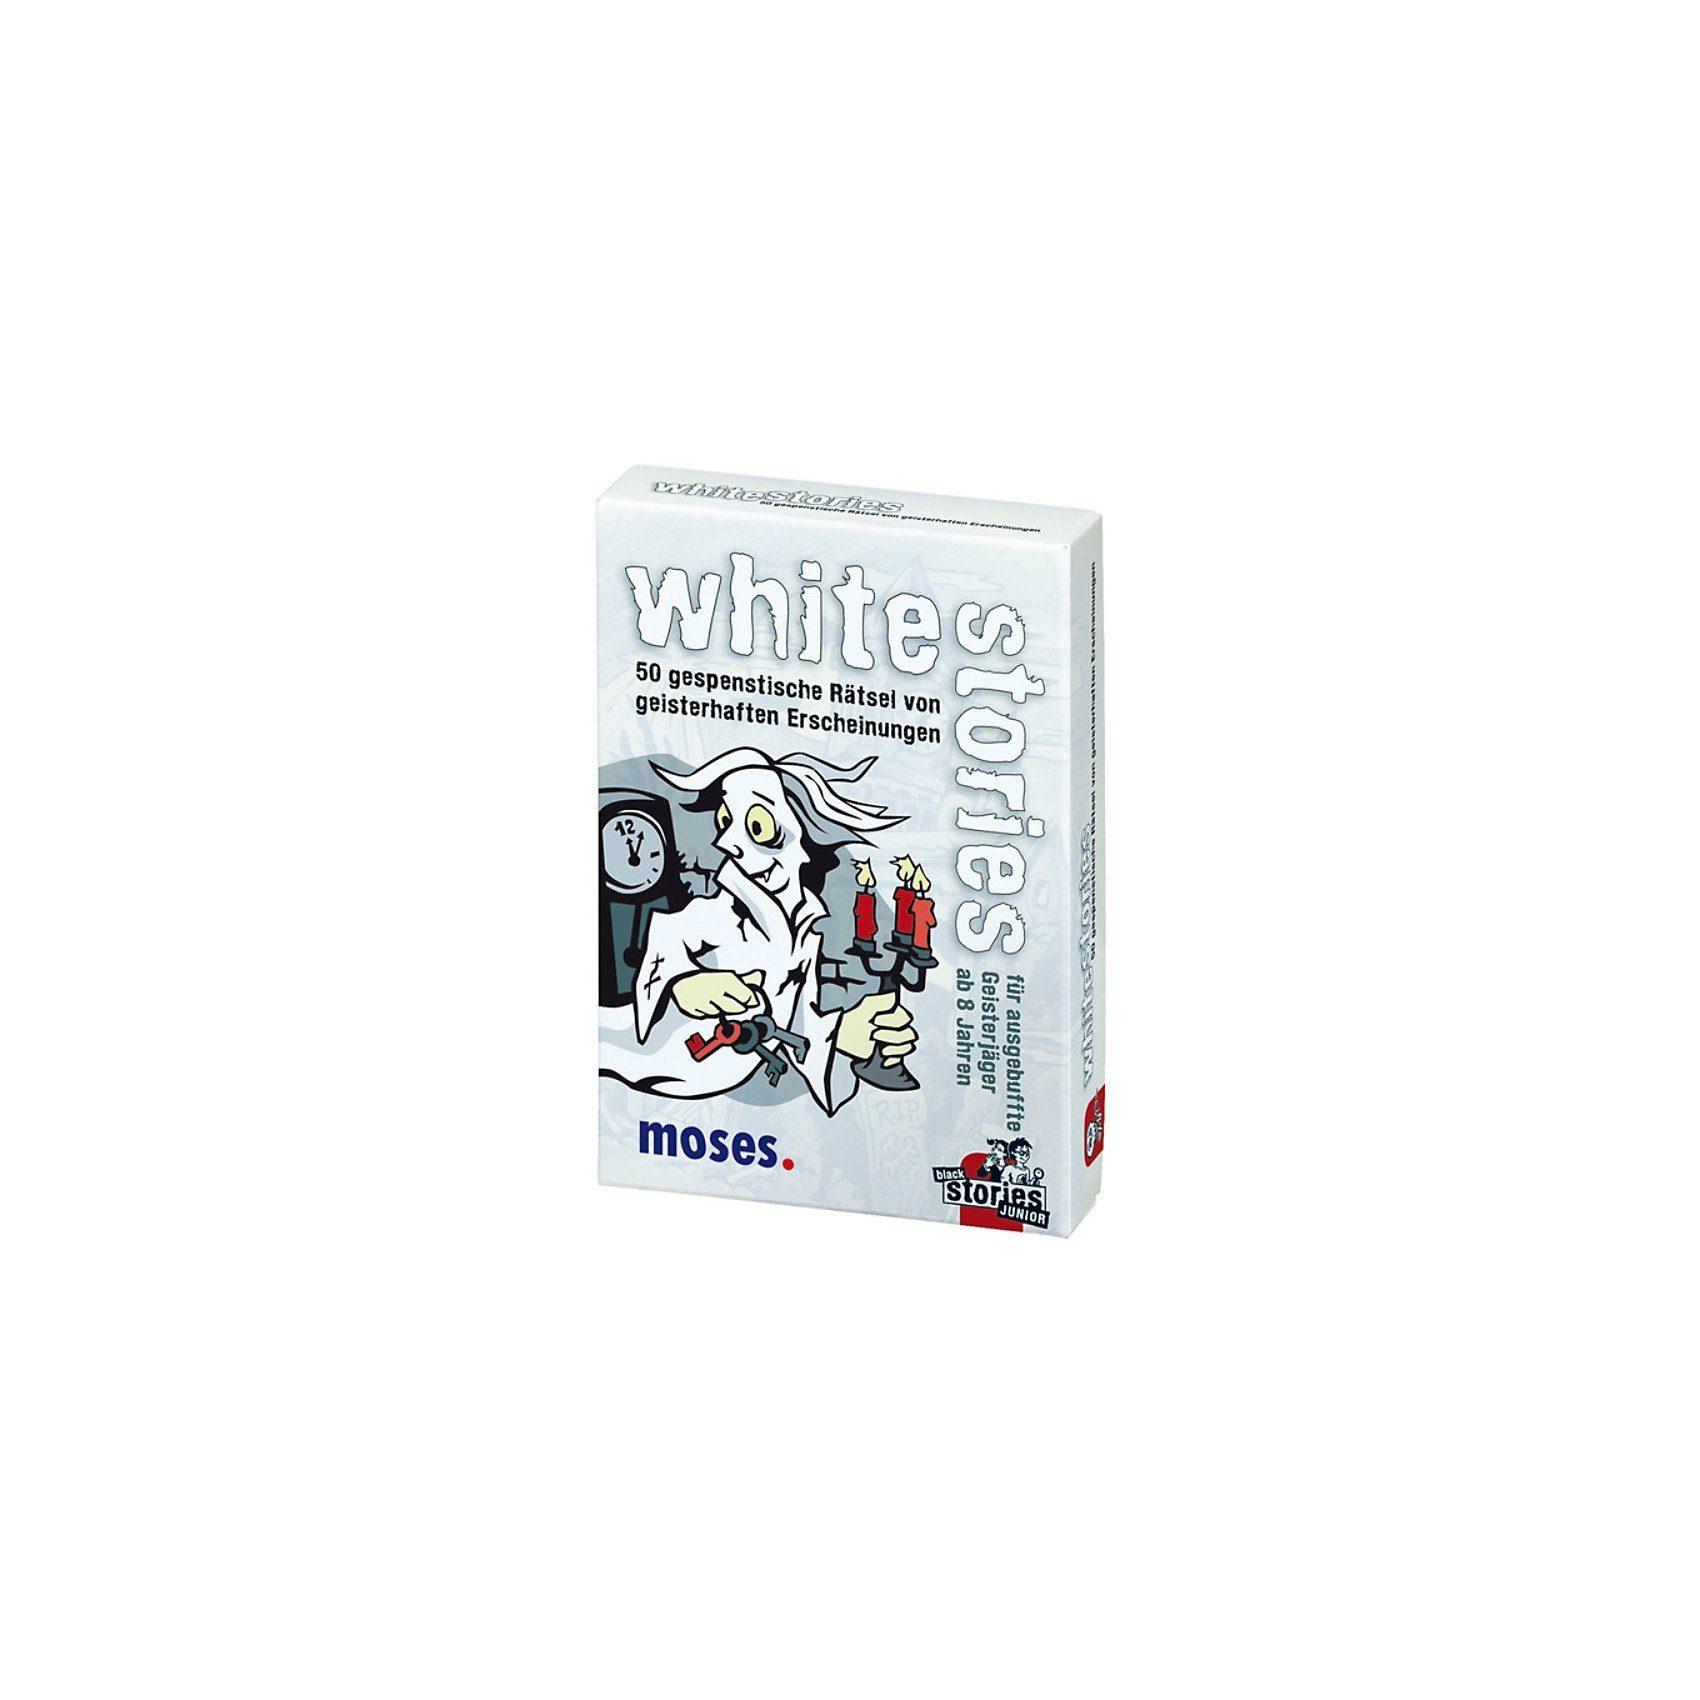 moses White Stories - 50 gespenstische Rätsel von geisterhaften Er